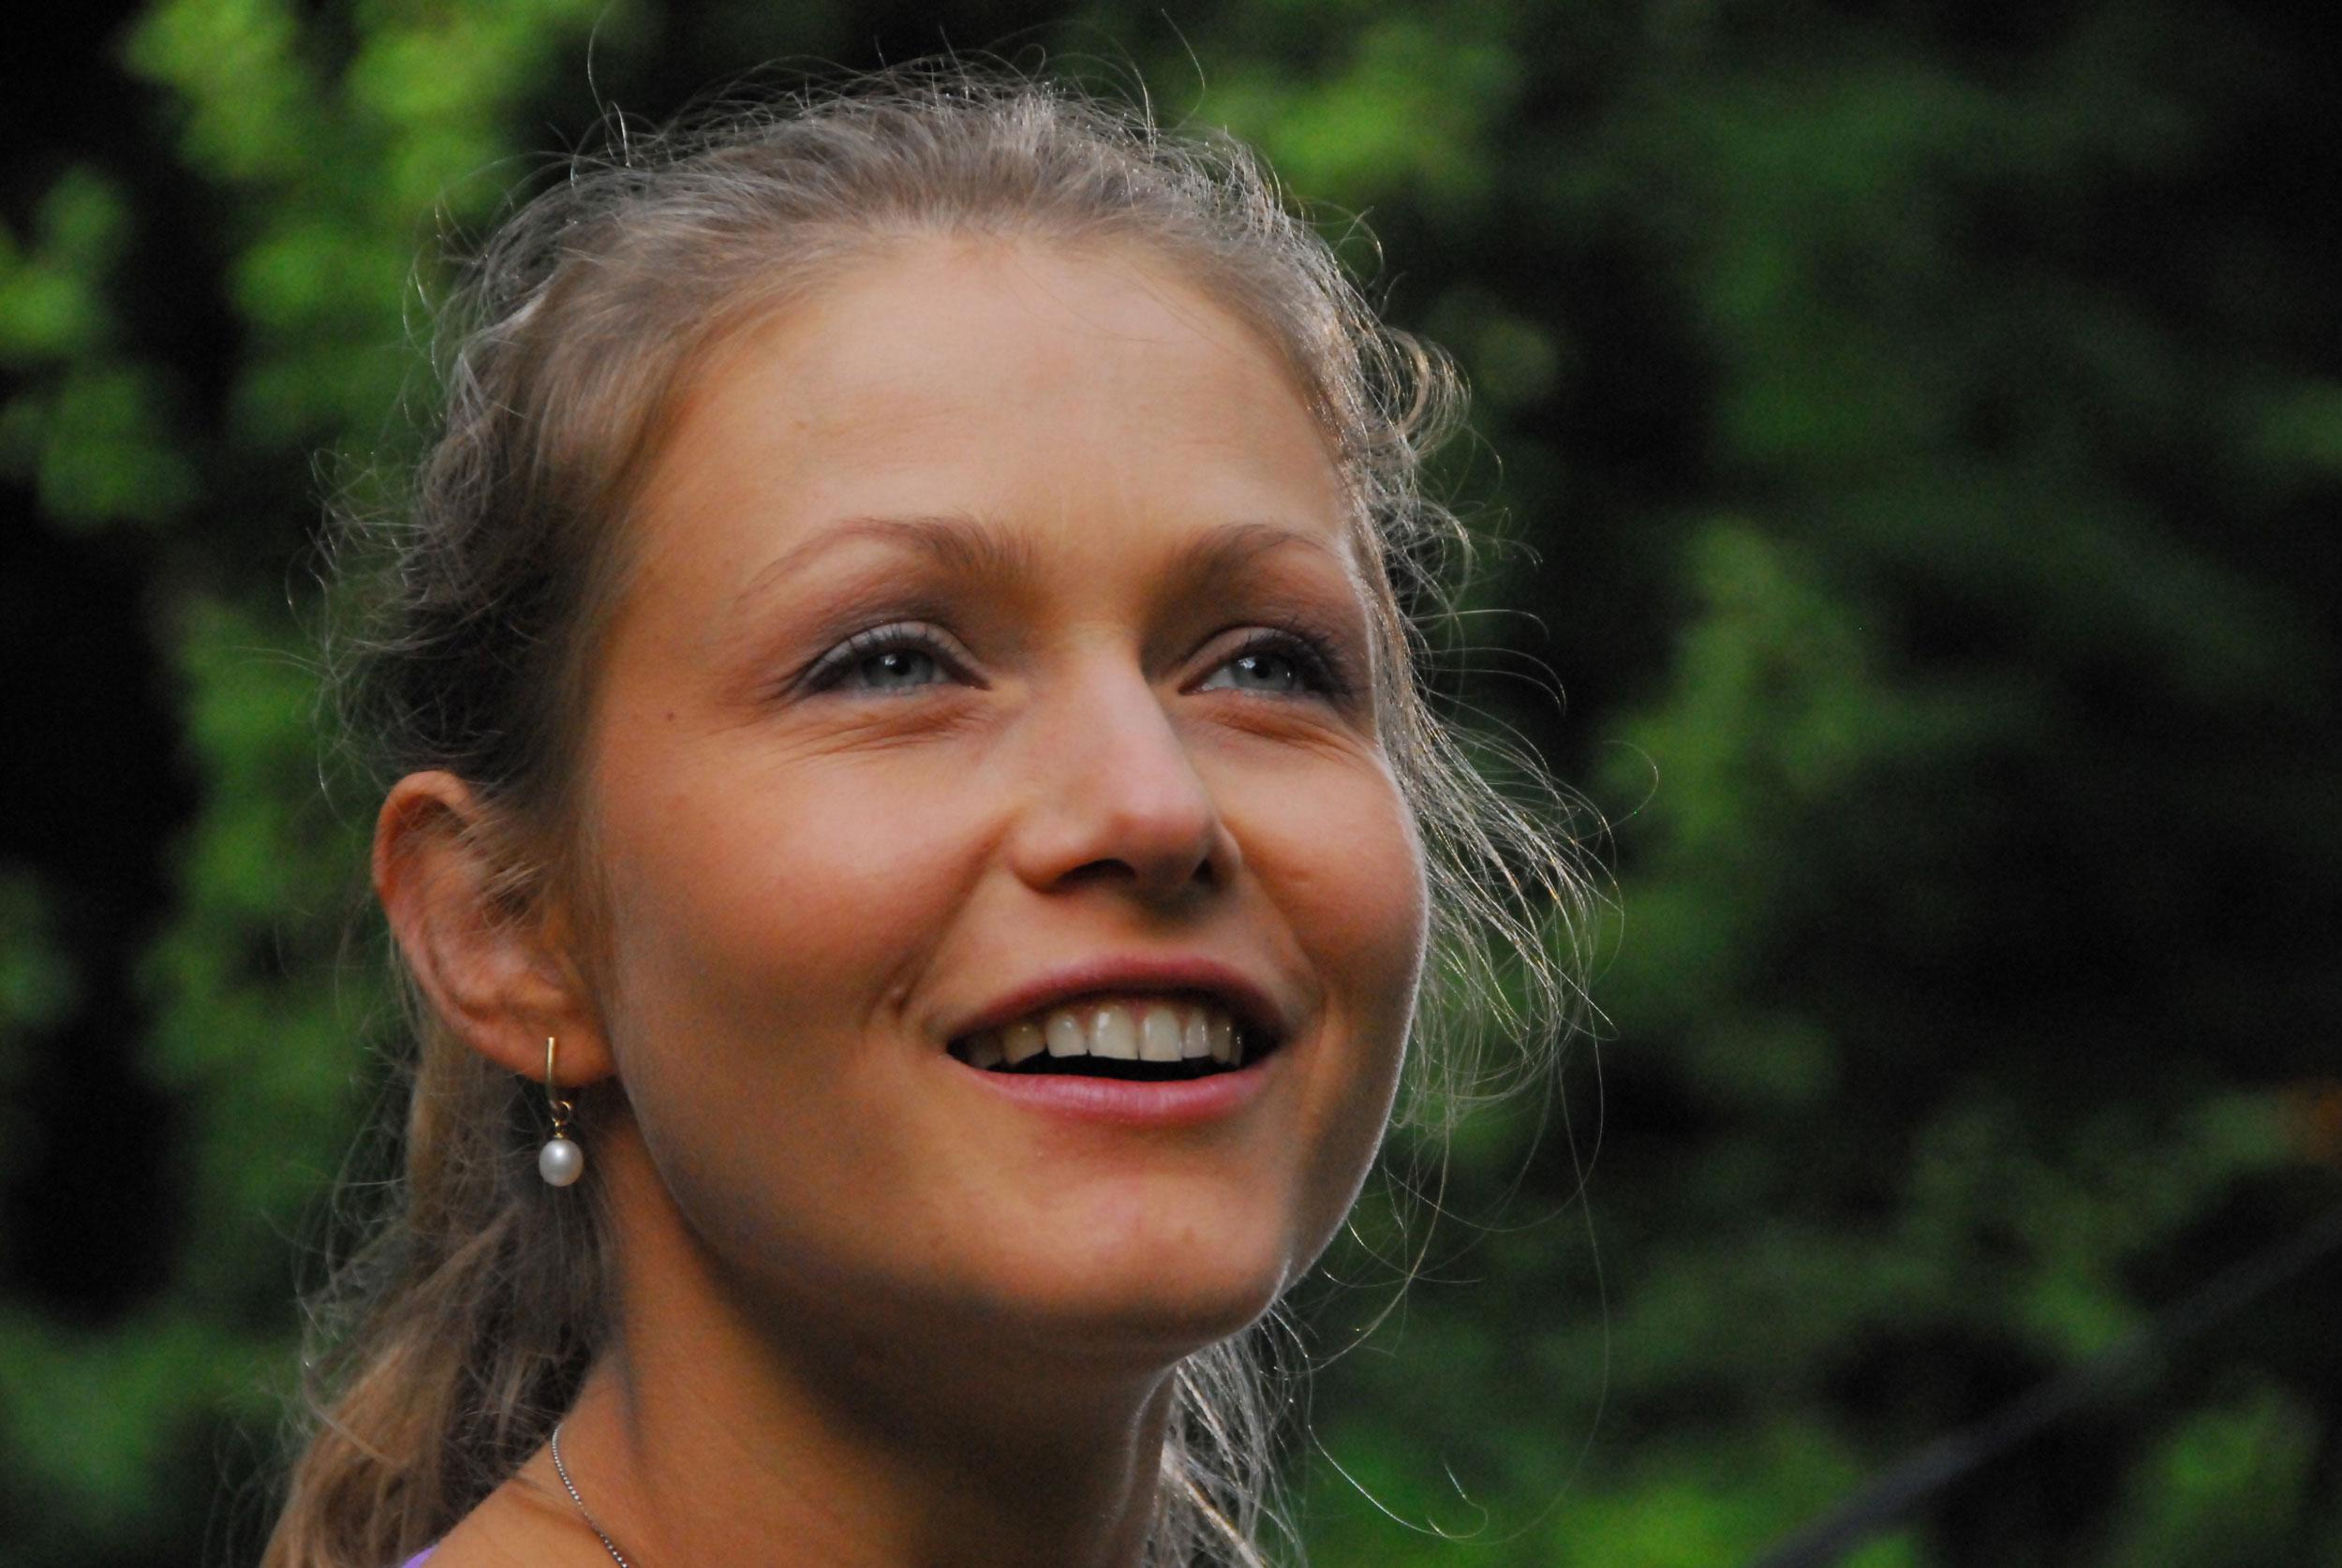 Эльвира болгова фото 6 фотография